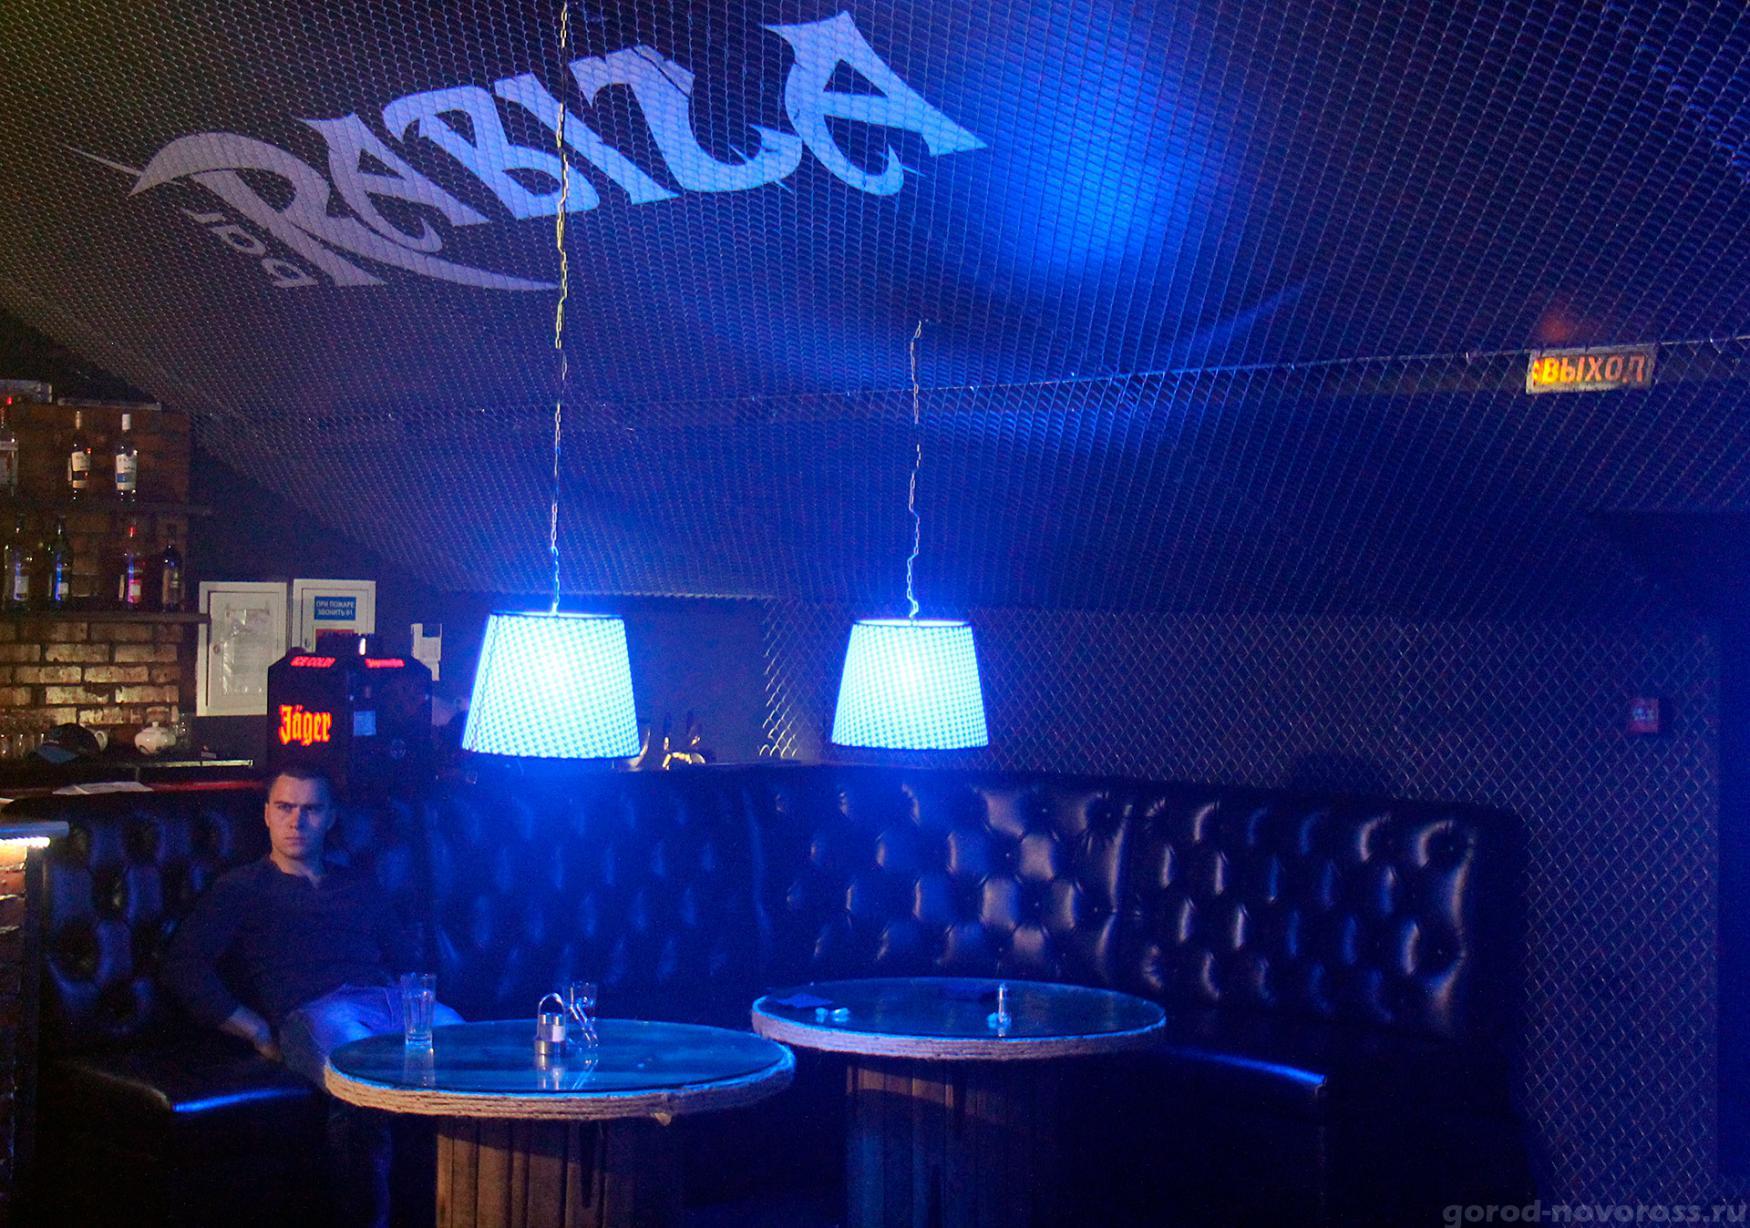 Фото из кафе и клубов новороссийска